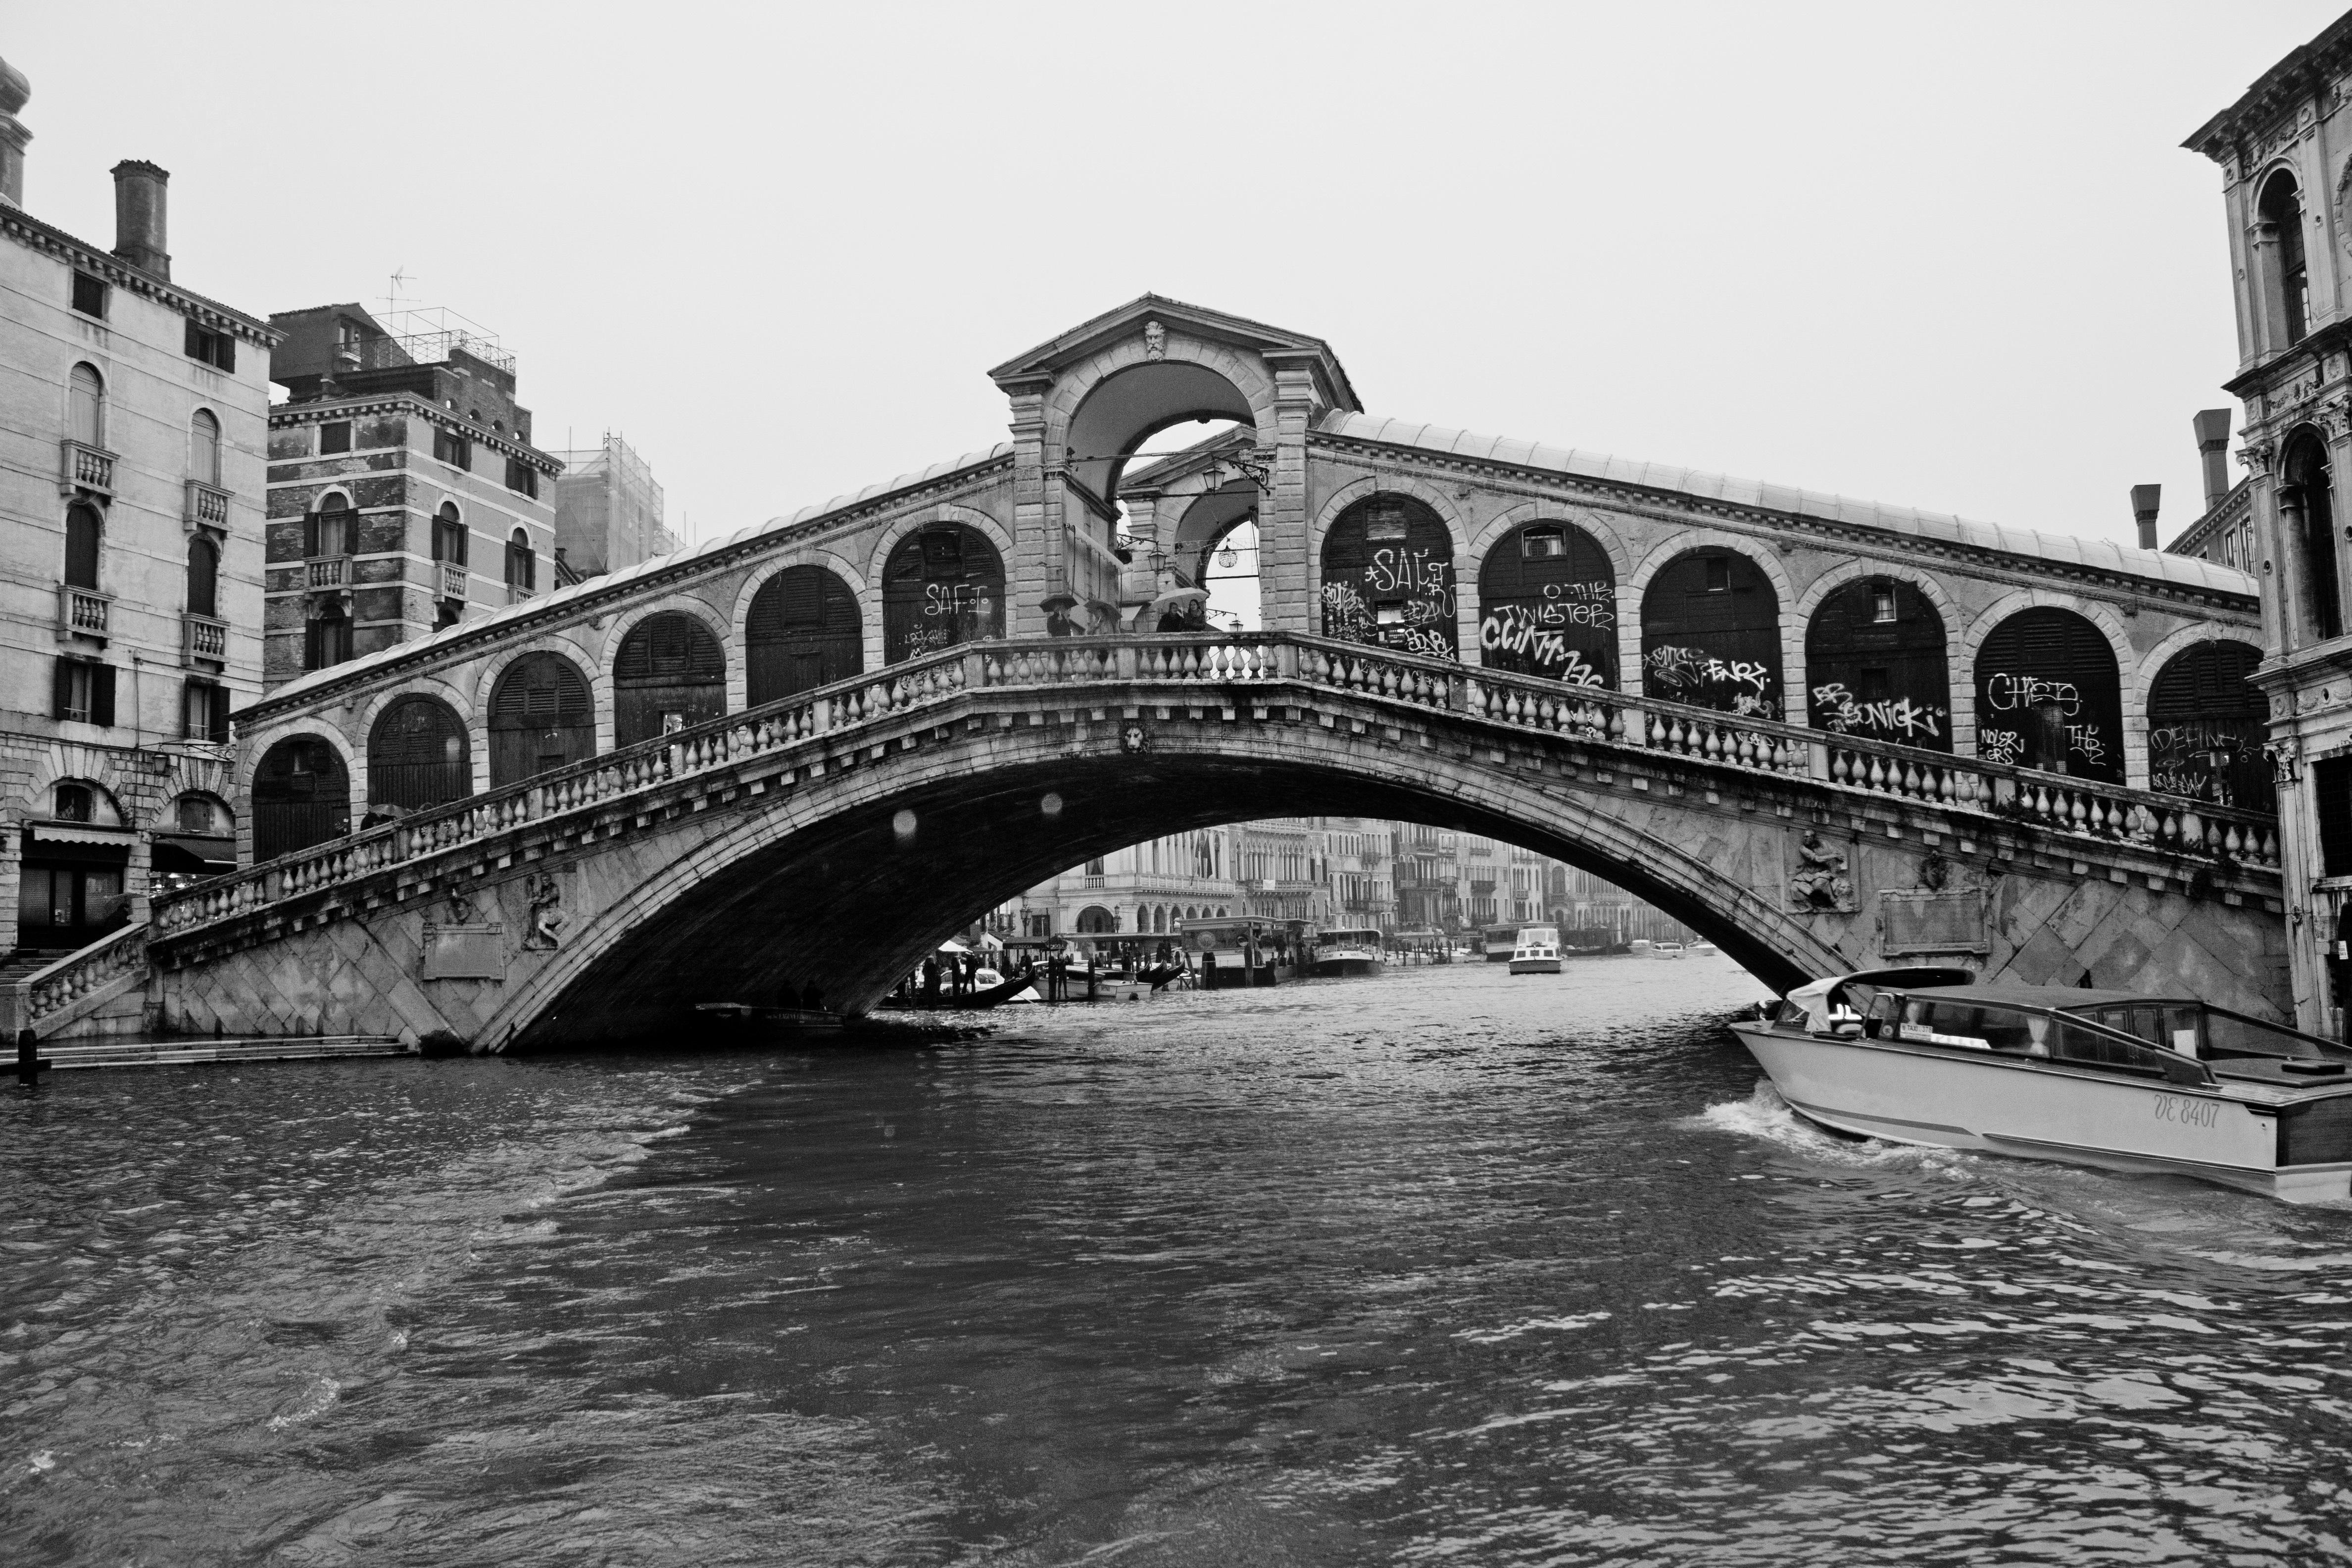 почитателей интересует фотографии мостов черно белые высокого разрешения отличие предыдущих